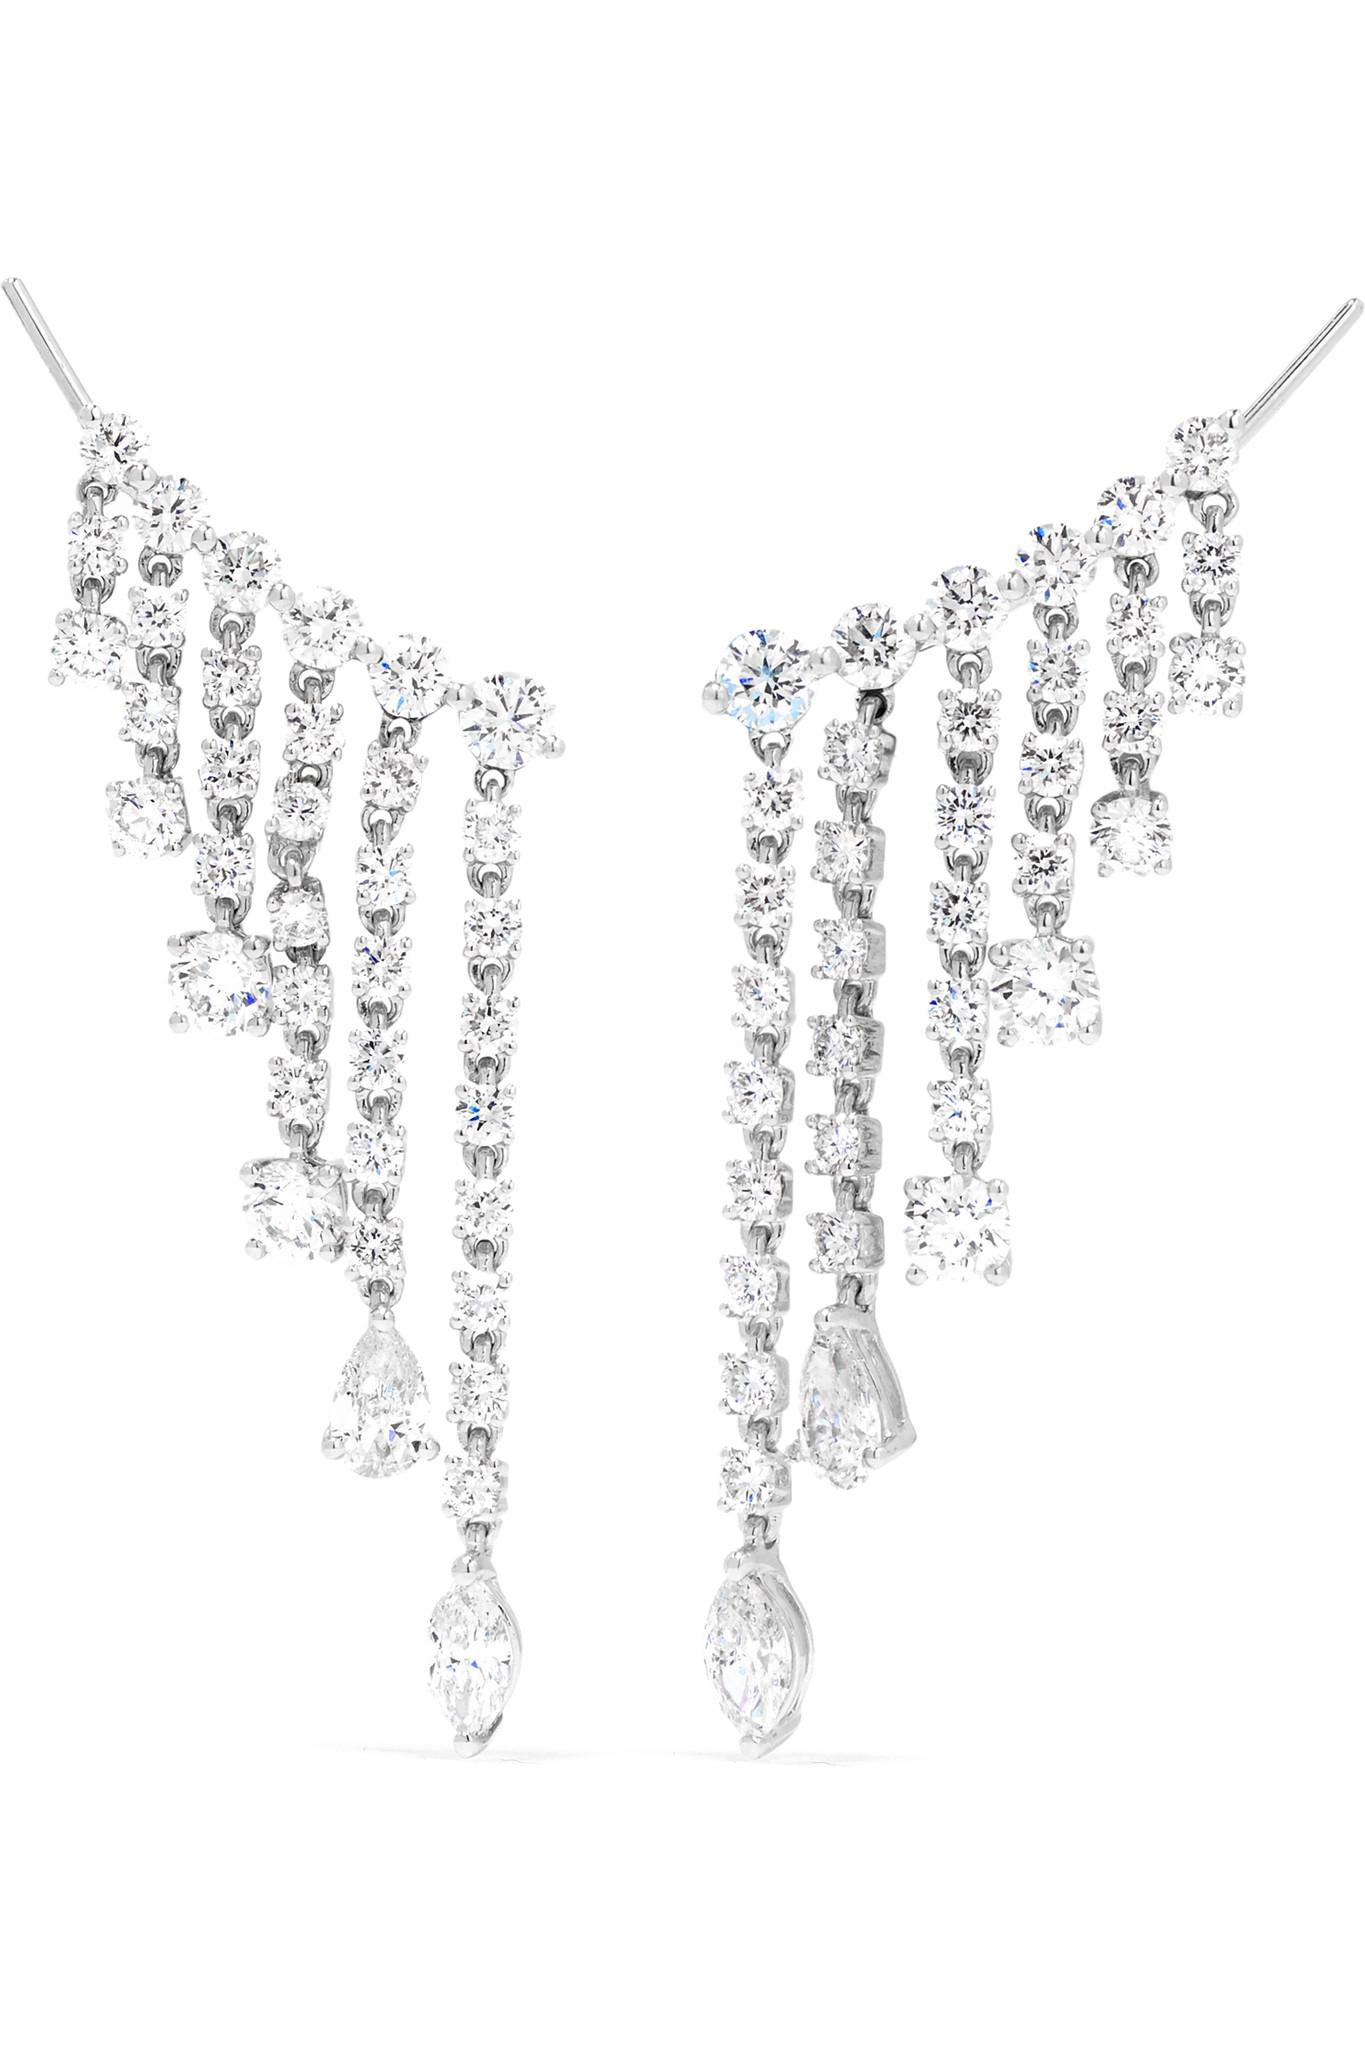 Goutte De Pluie 18 Carats Boucles D'oreilles Diamant En Or Blanc - Argent Anita Ko CywAos